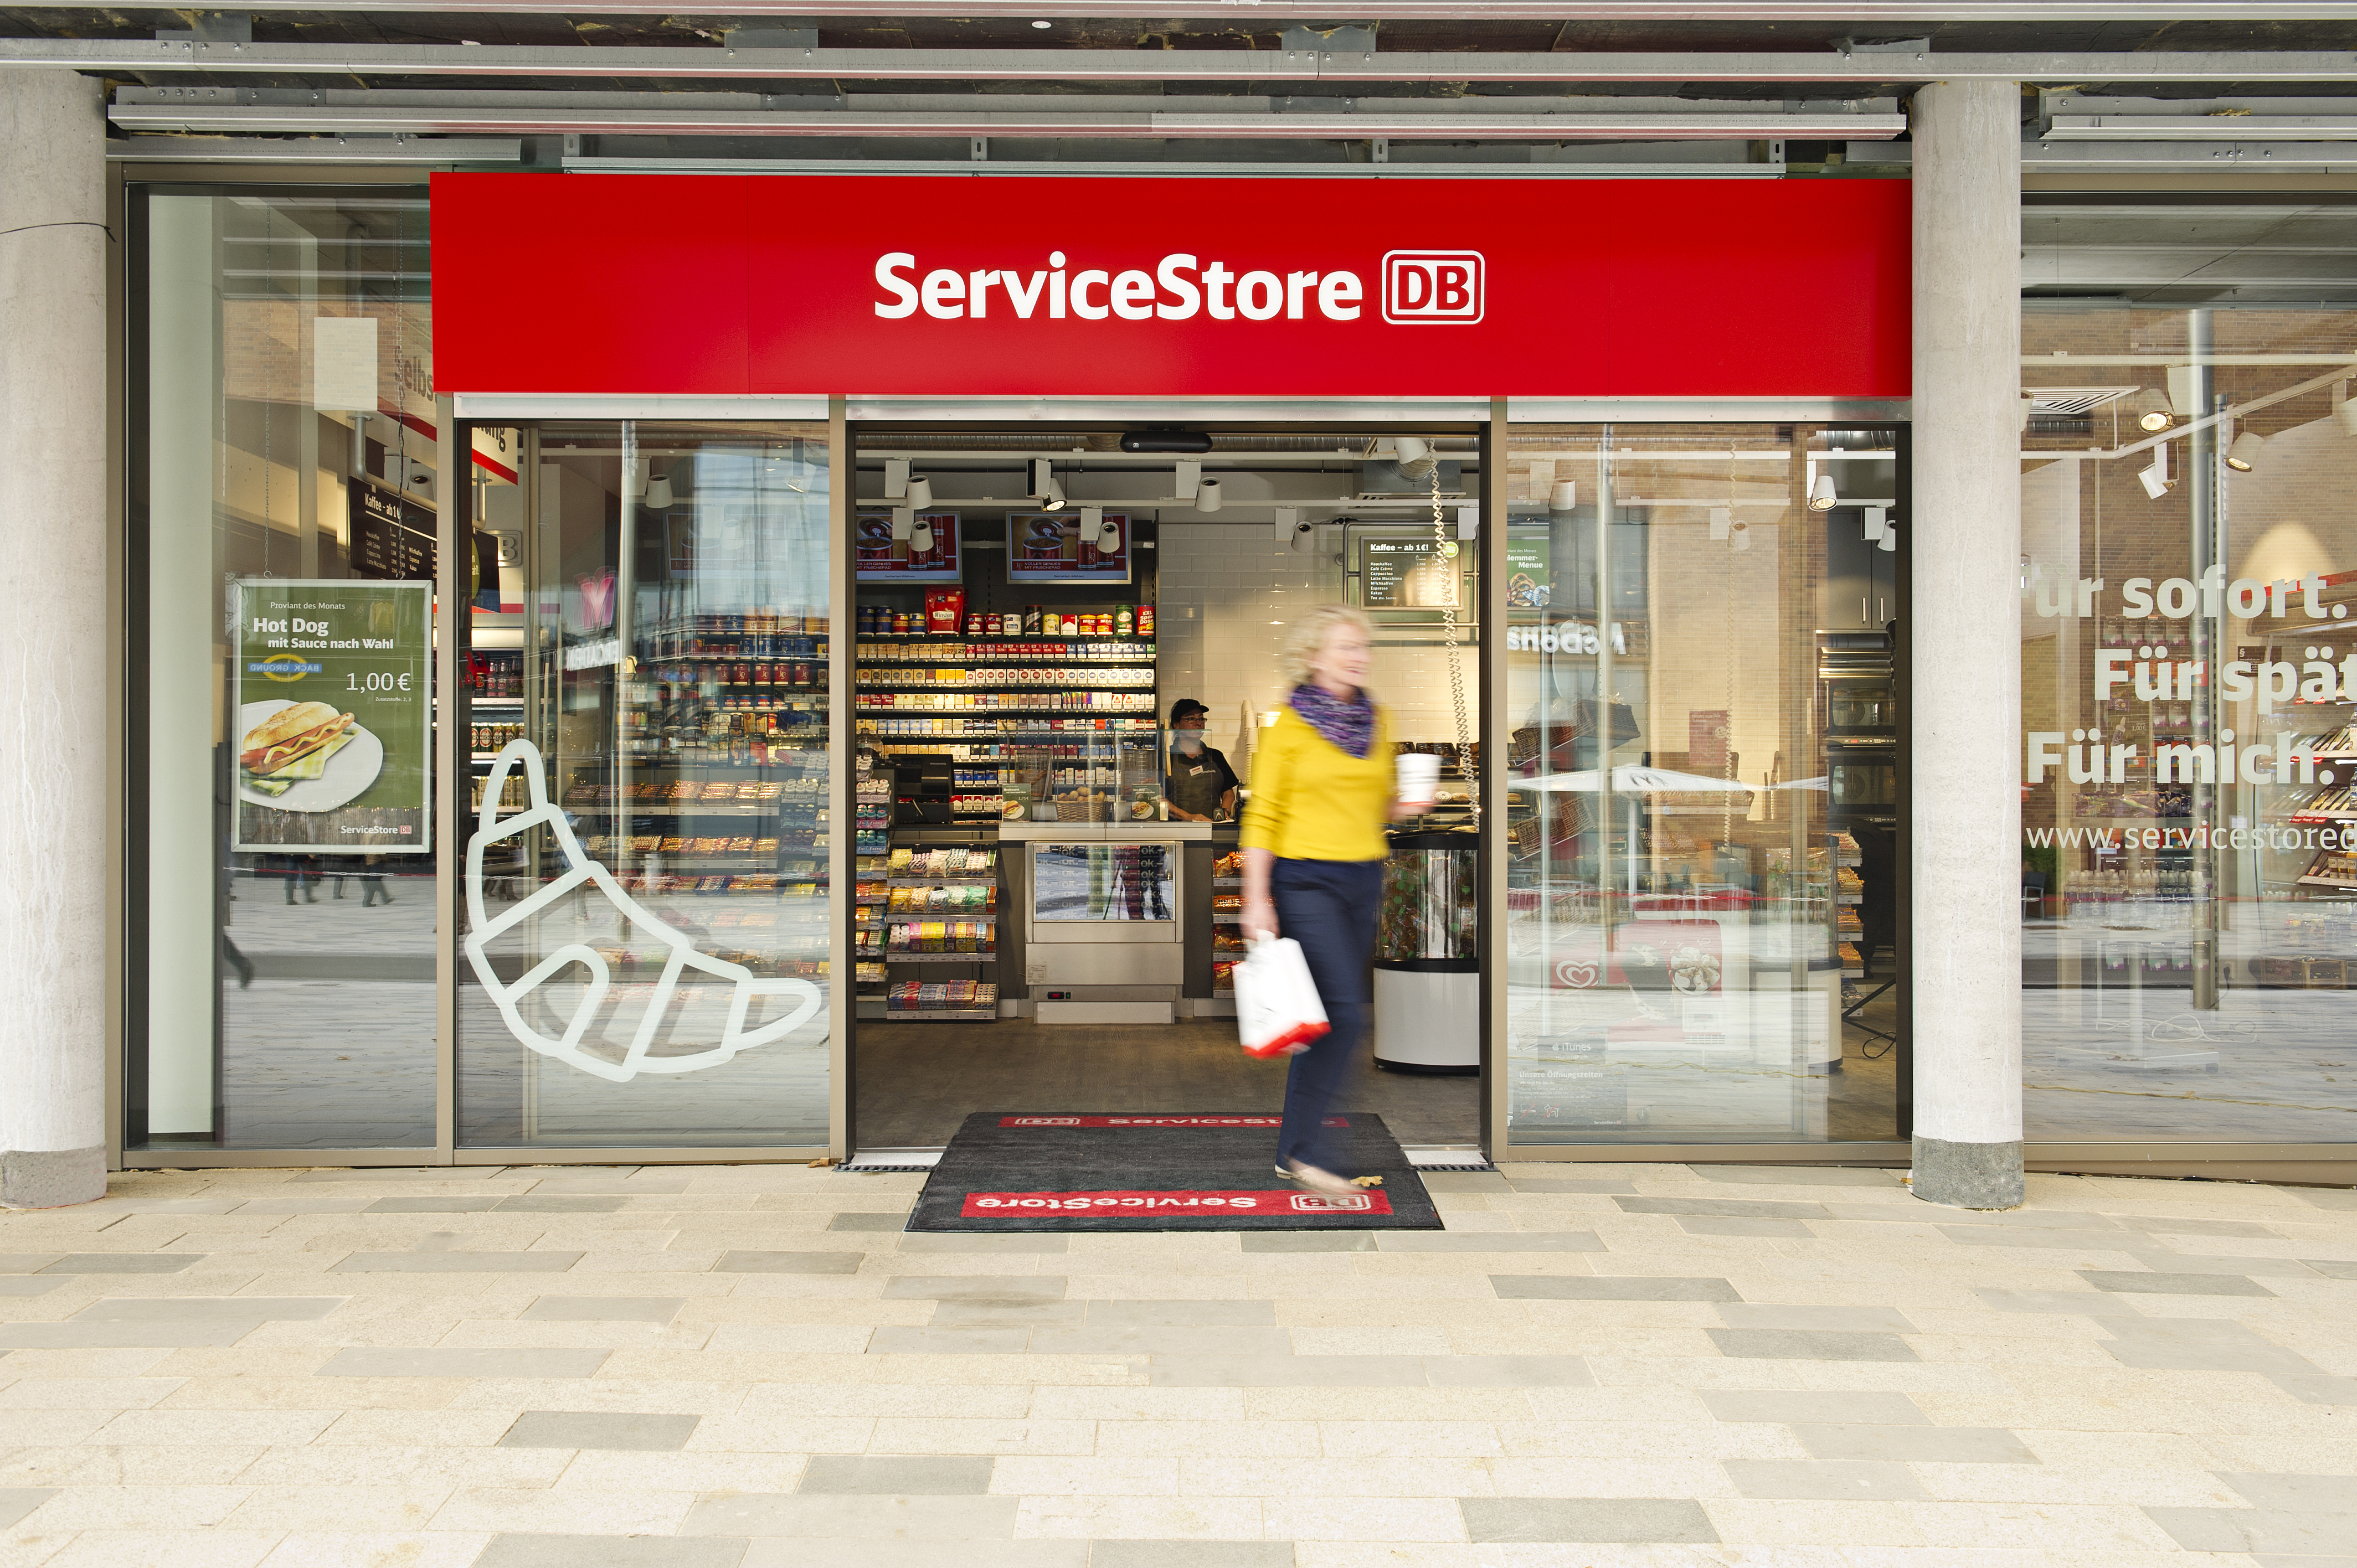 ServiceStore DB - Bahnhof Weiden